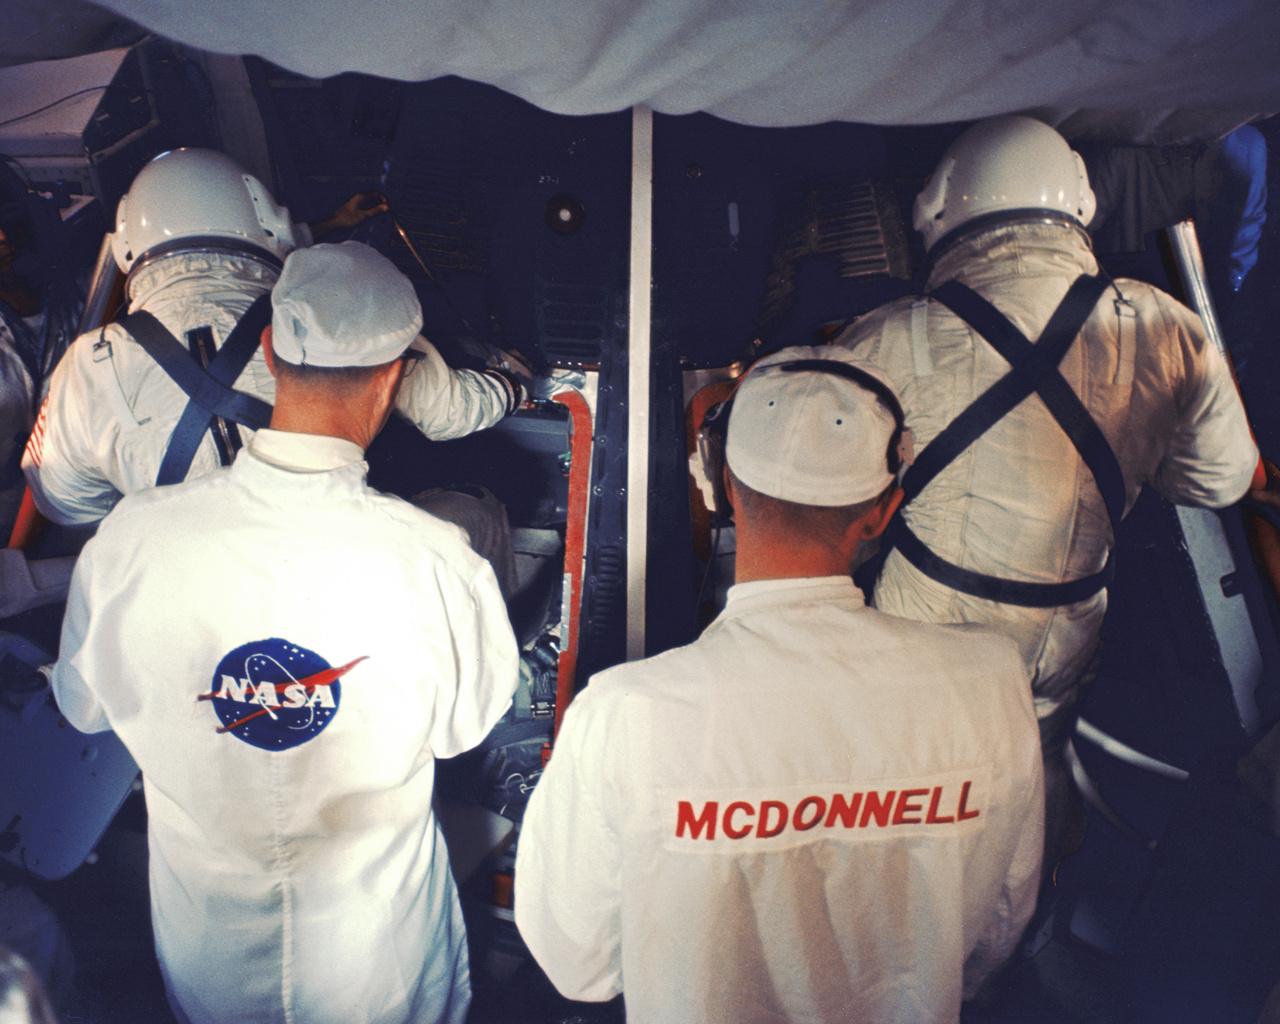 A NASA és a McDonnell technikusai segítenek a két űrhajósnak beszállni a Gemini-8 űrhajóba a start előtt a Kennedy Űrközpont 19-es startállásán. (35 mm-es diafilmkocka, 1966. március 16., NASA-azonosító: 104-KSC-66C-1852)